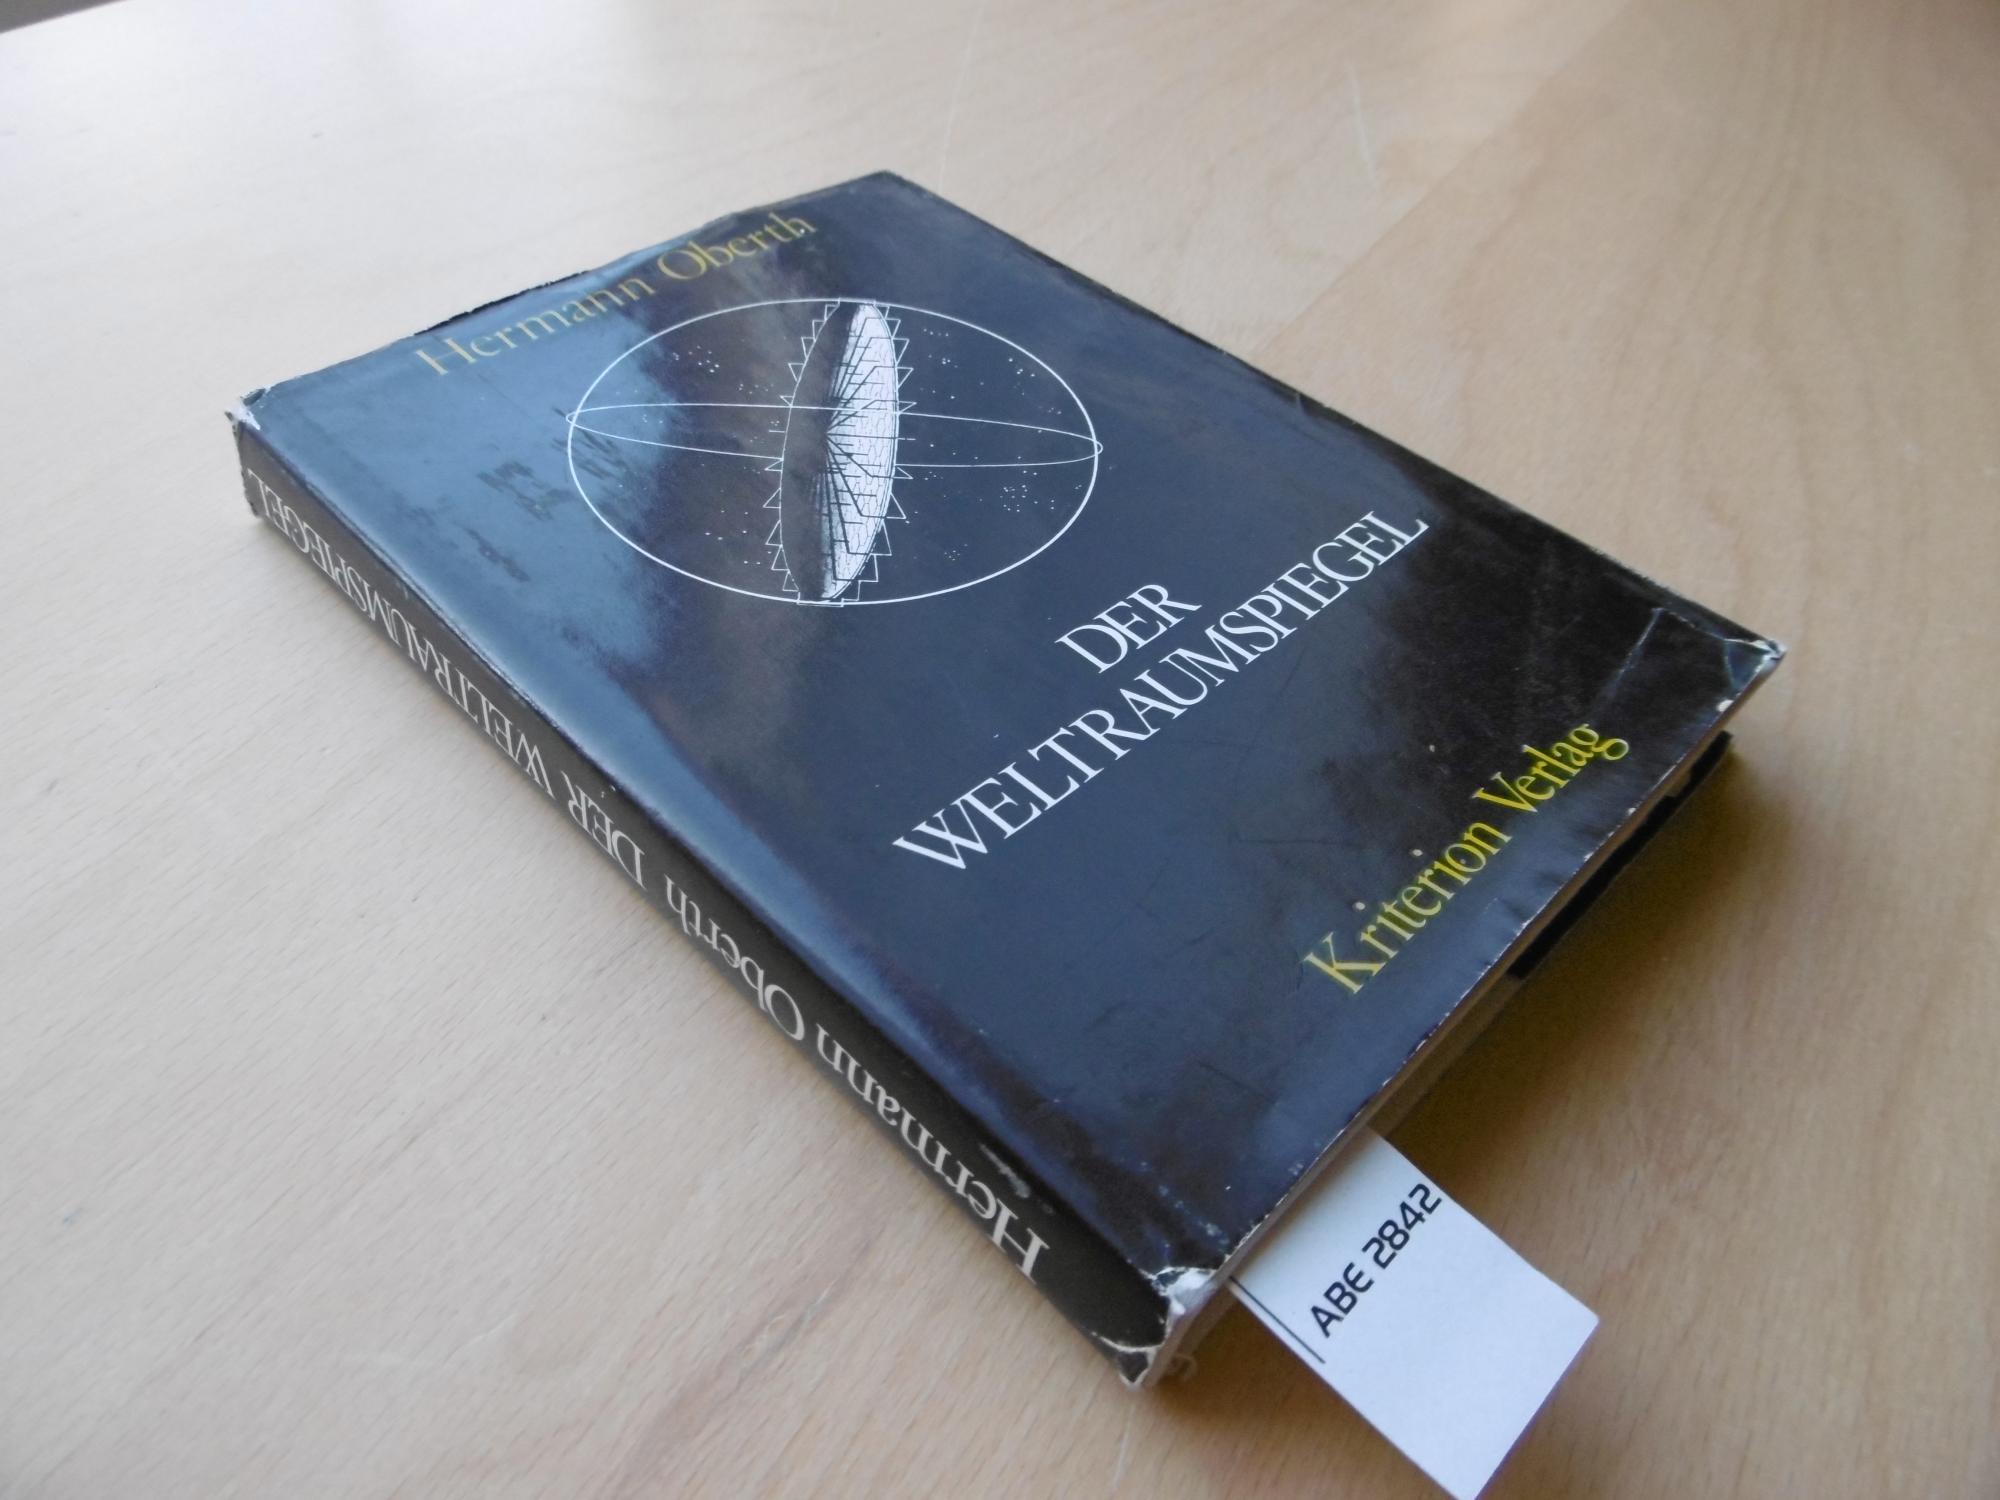 Der Weltraumspiegel. Überarbeitete und erweiterte Fassung von: Oberth, Hermann